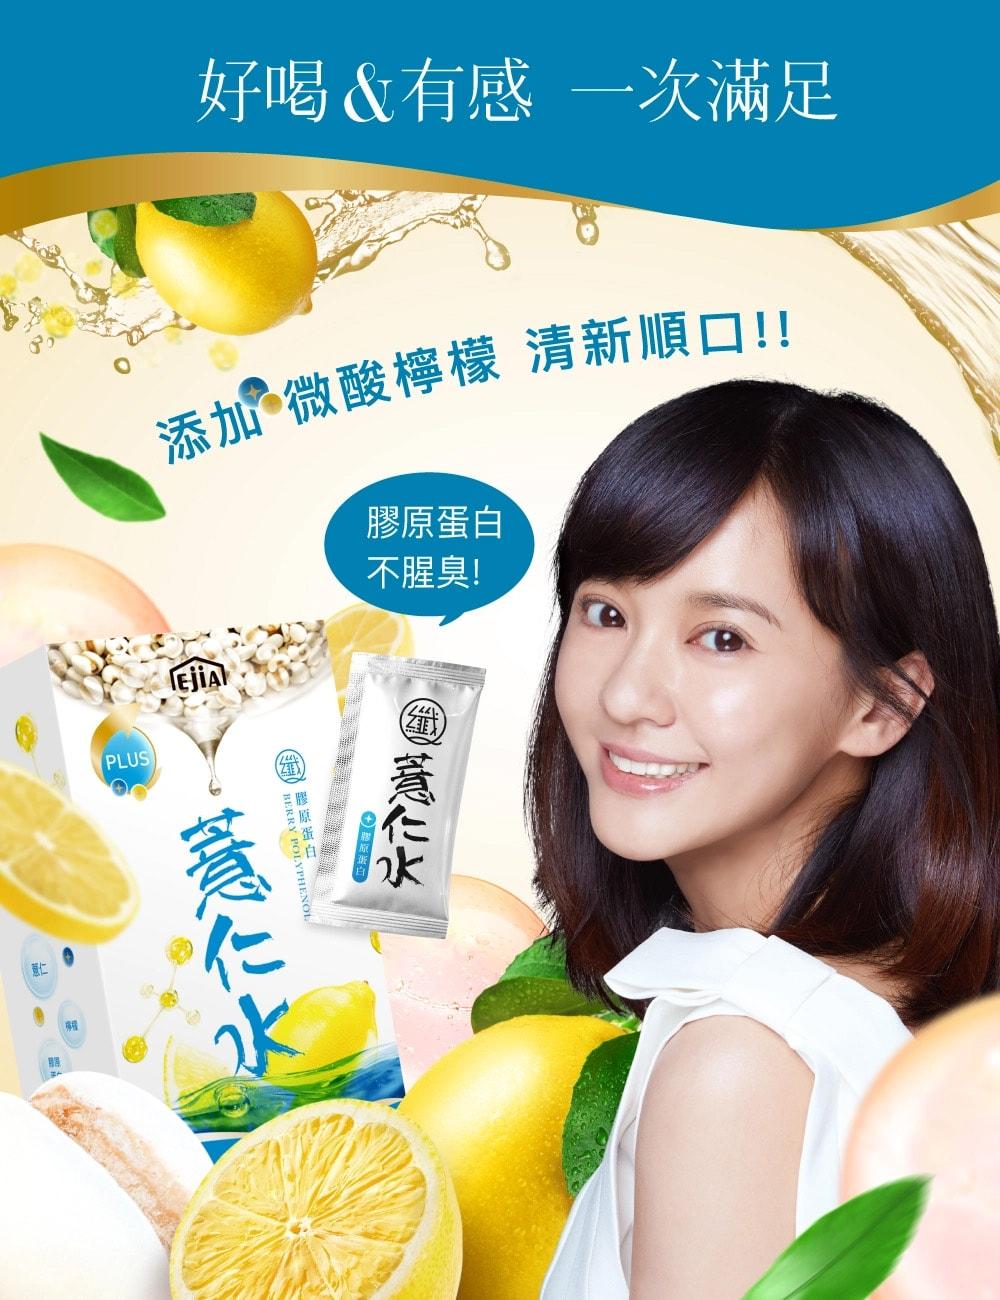 Ejia Collagen Barley - Lemon flavor